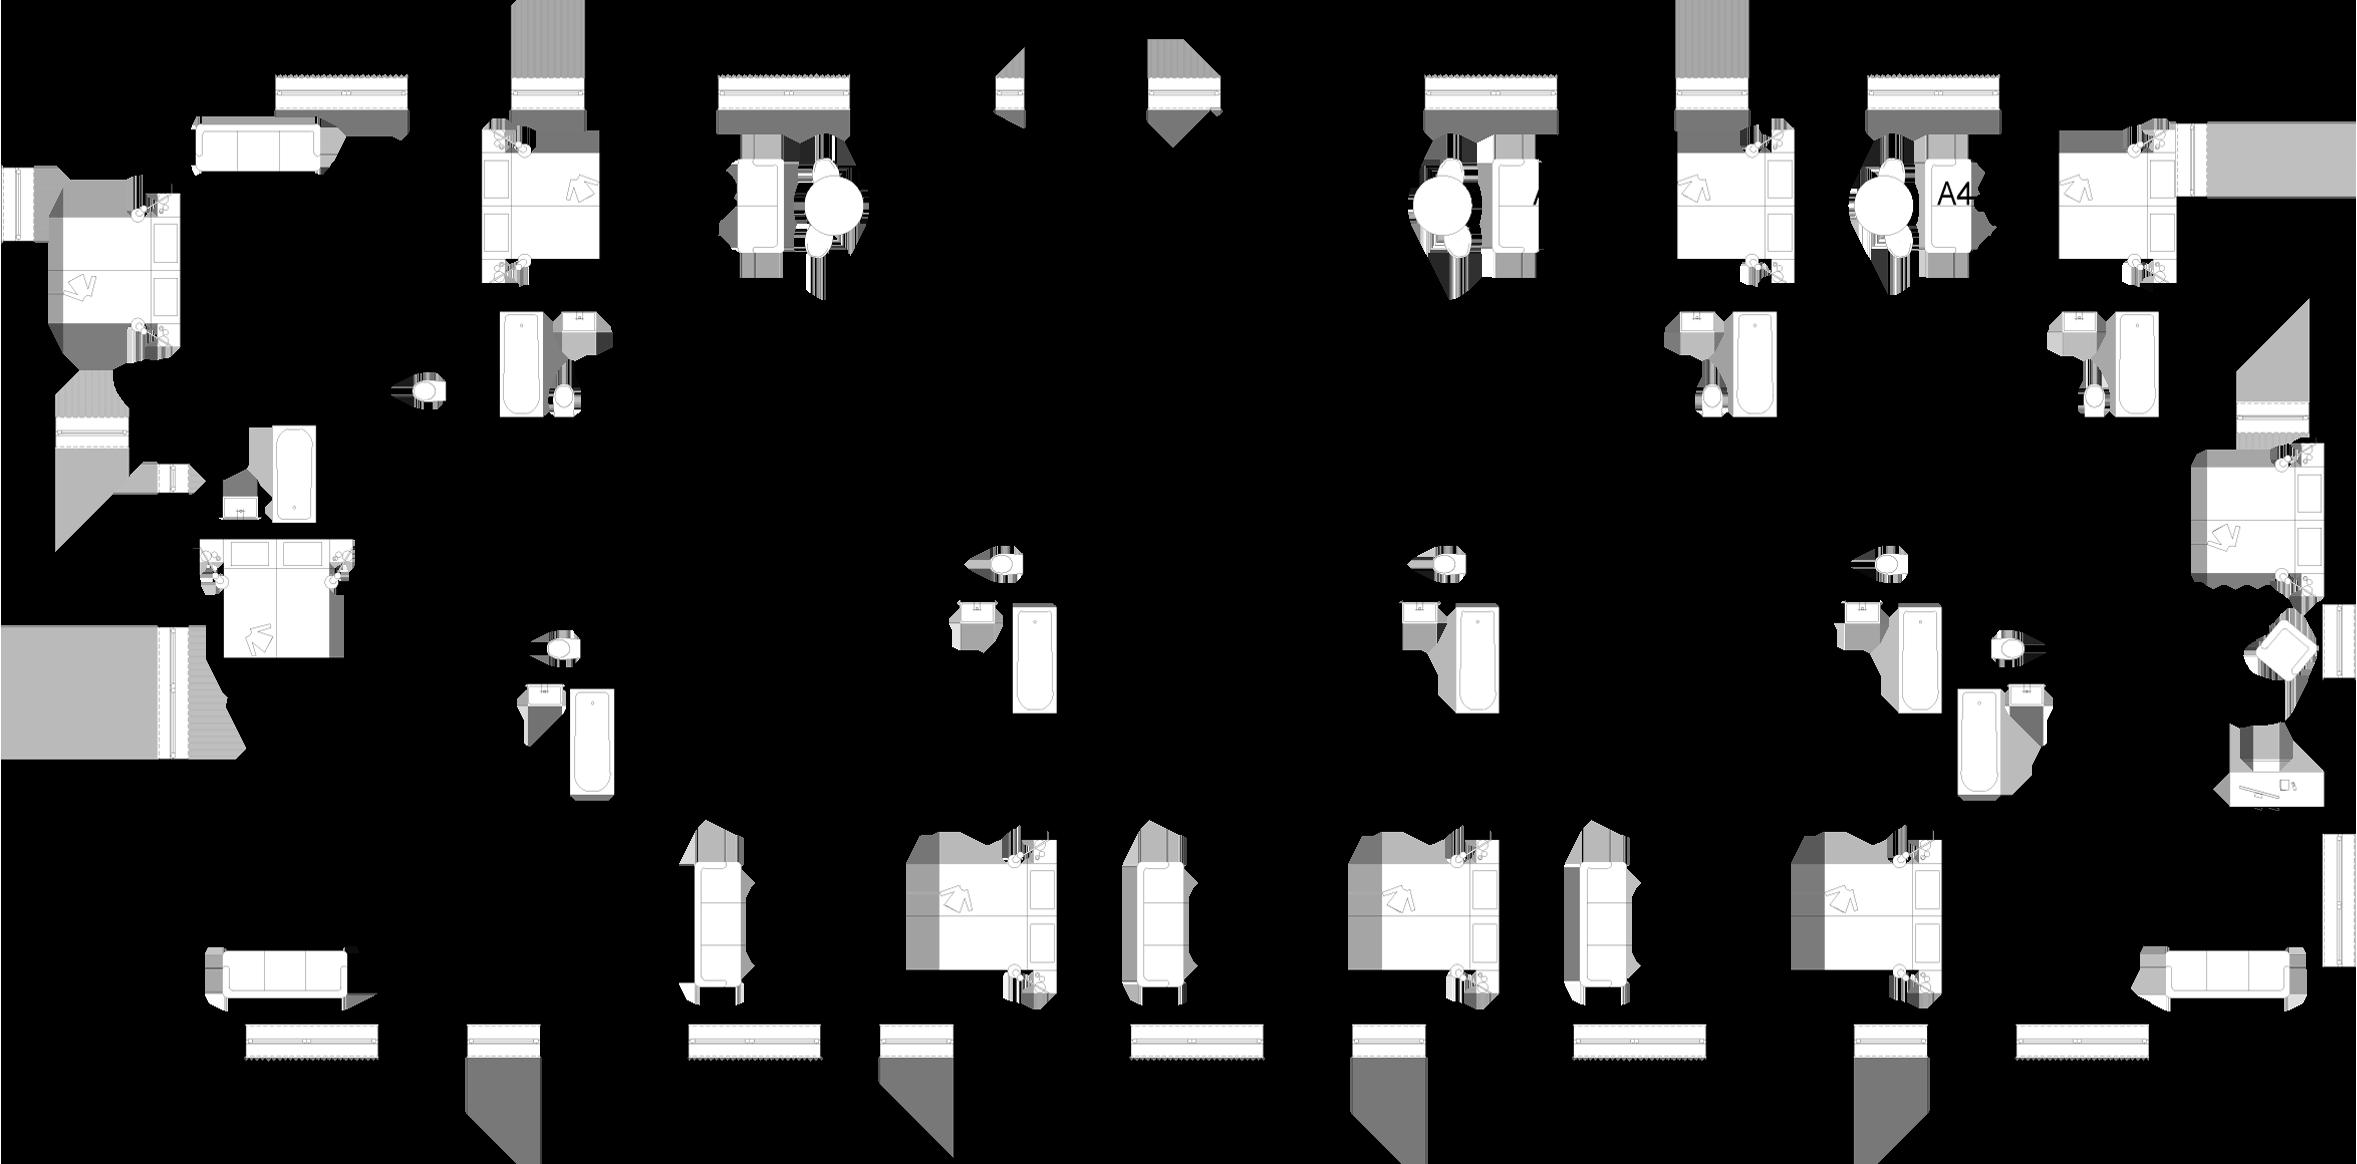 SO-01.A4 – 1. NP